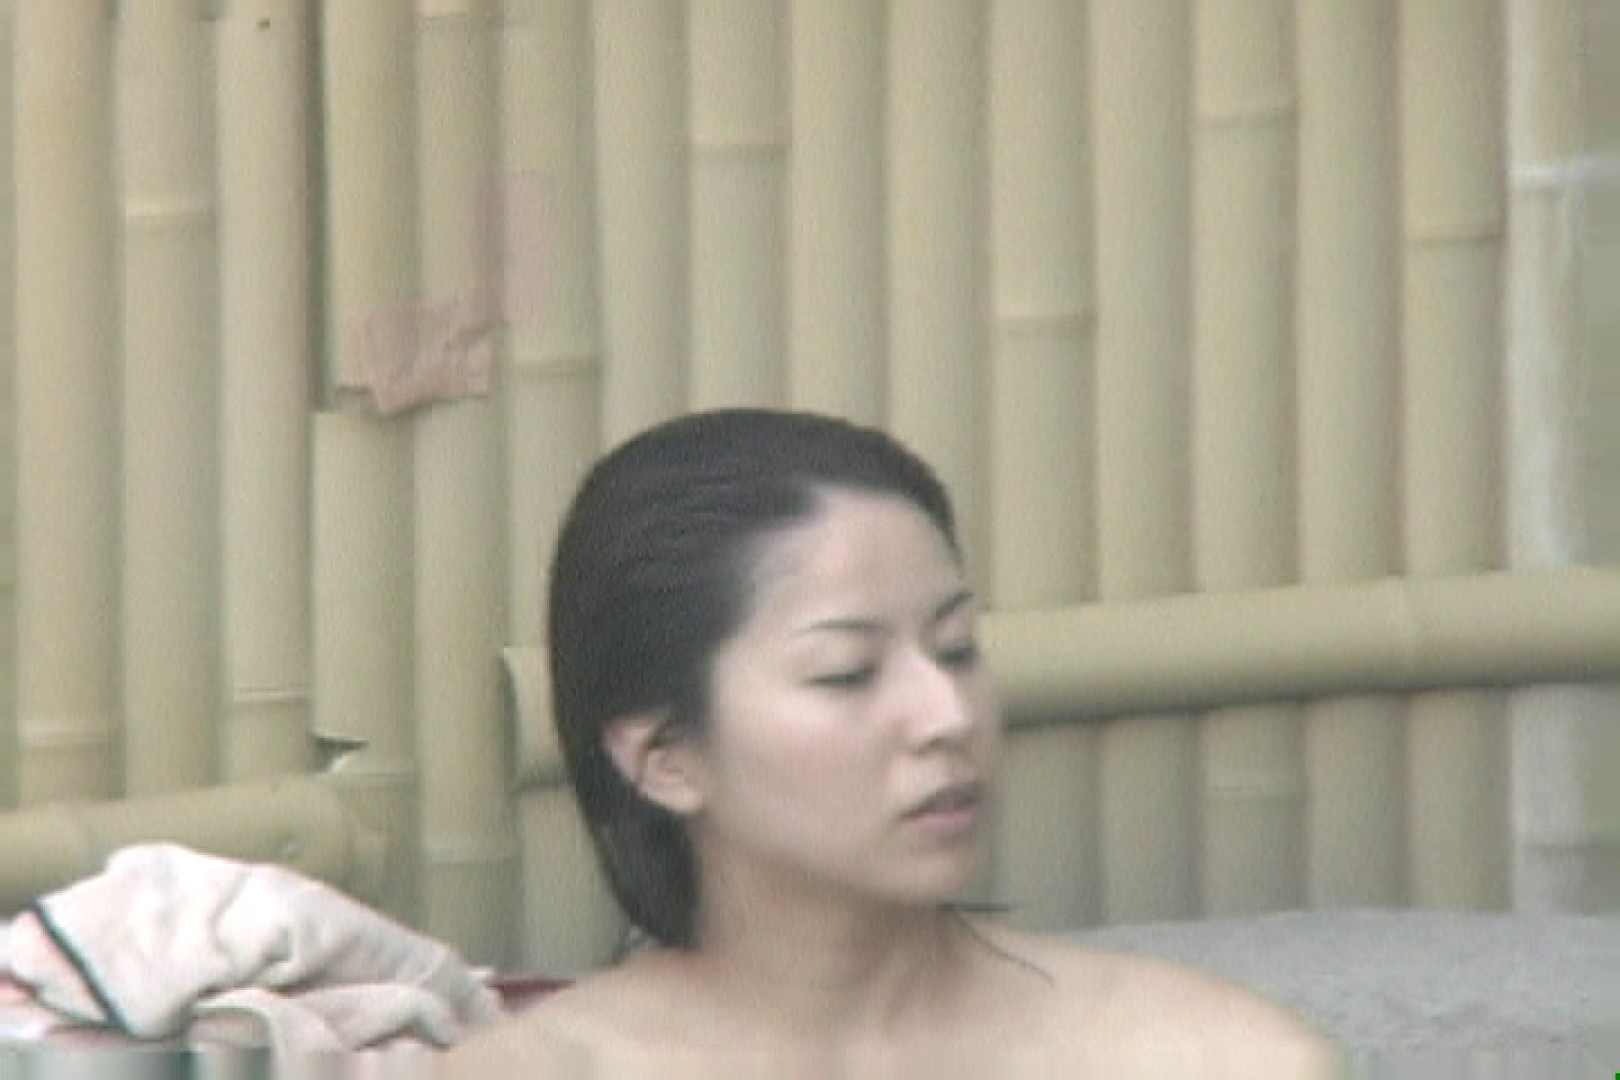 Aquaな露天風呂Vol.694 露天  67画像 57